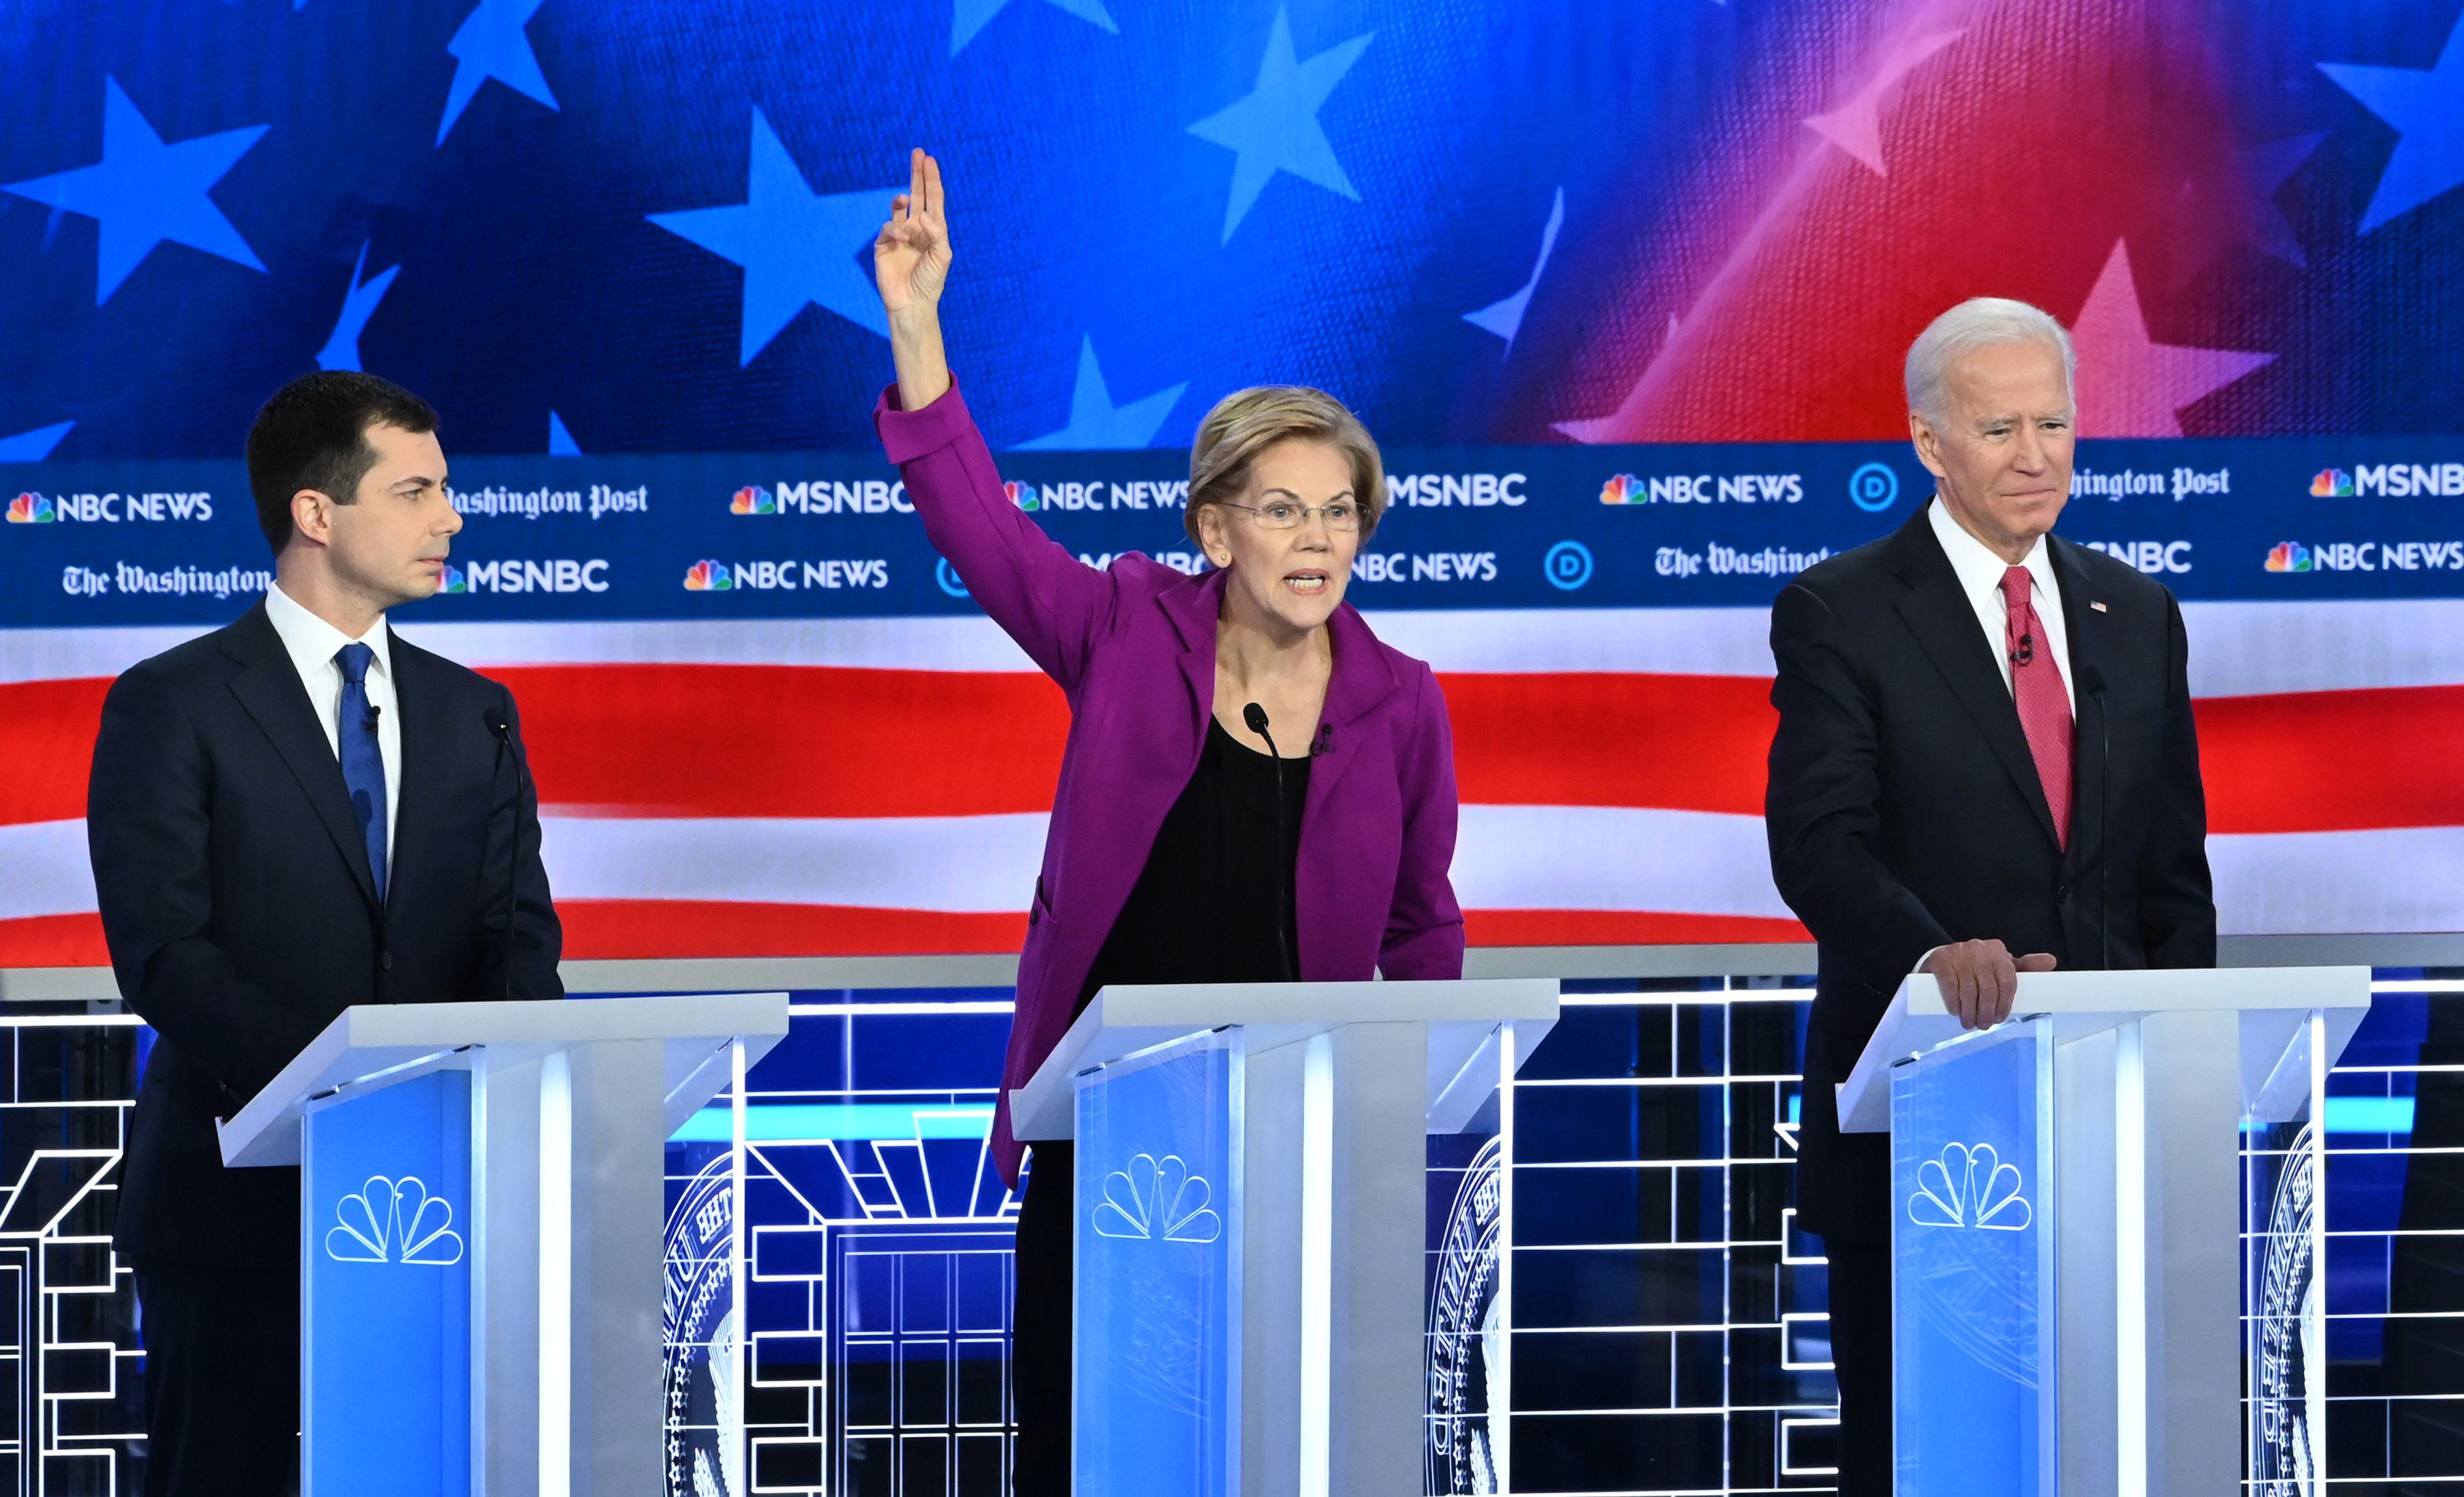 مناظره نامزدهای حزب دموکرات / آیووا برنی سندرز الیزابت وارن جو بایدن ایمی کلوبشار پیت بوتیجج